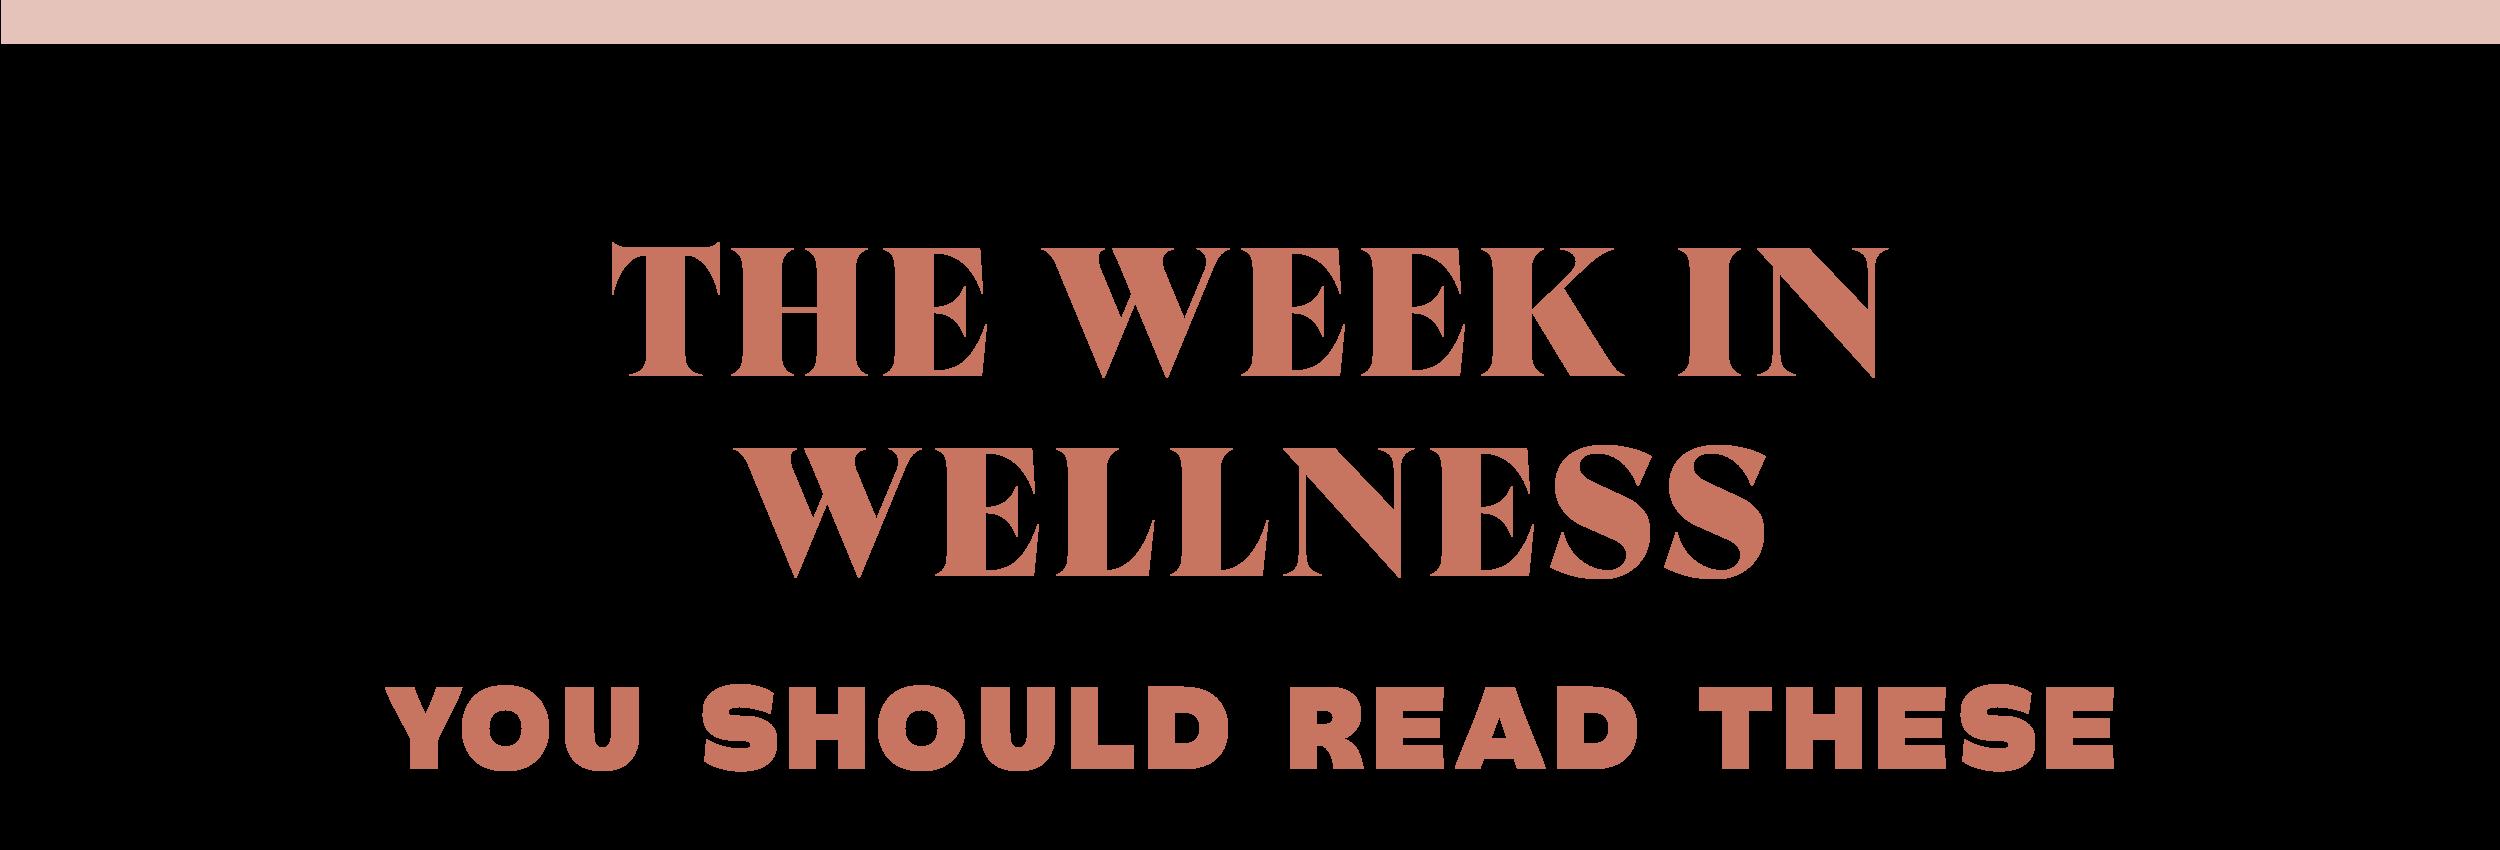 welltribe_theweekinwellness.png